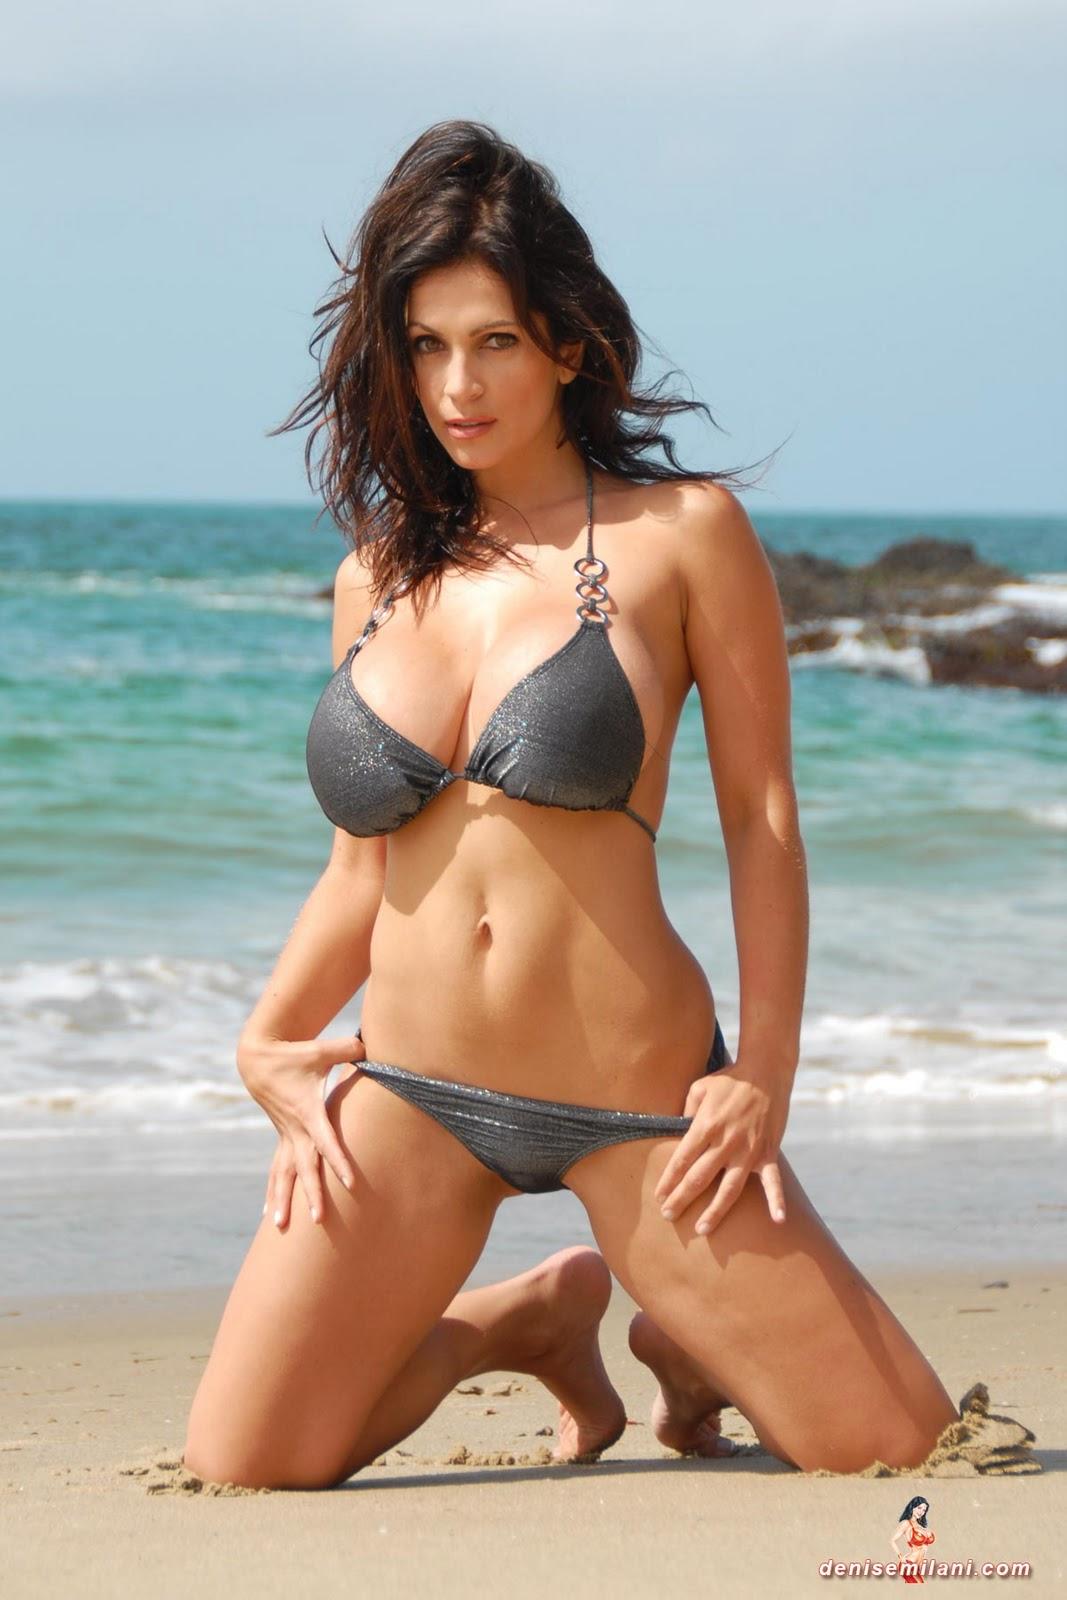 bikini Malvade in